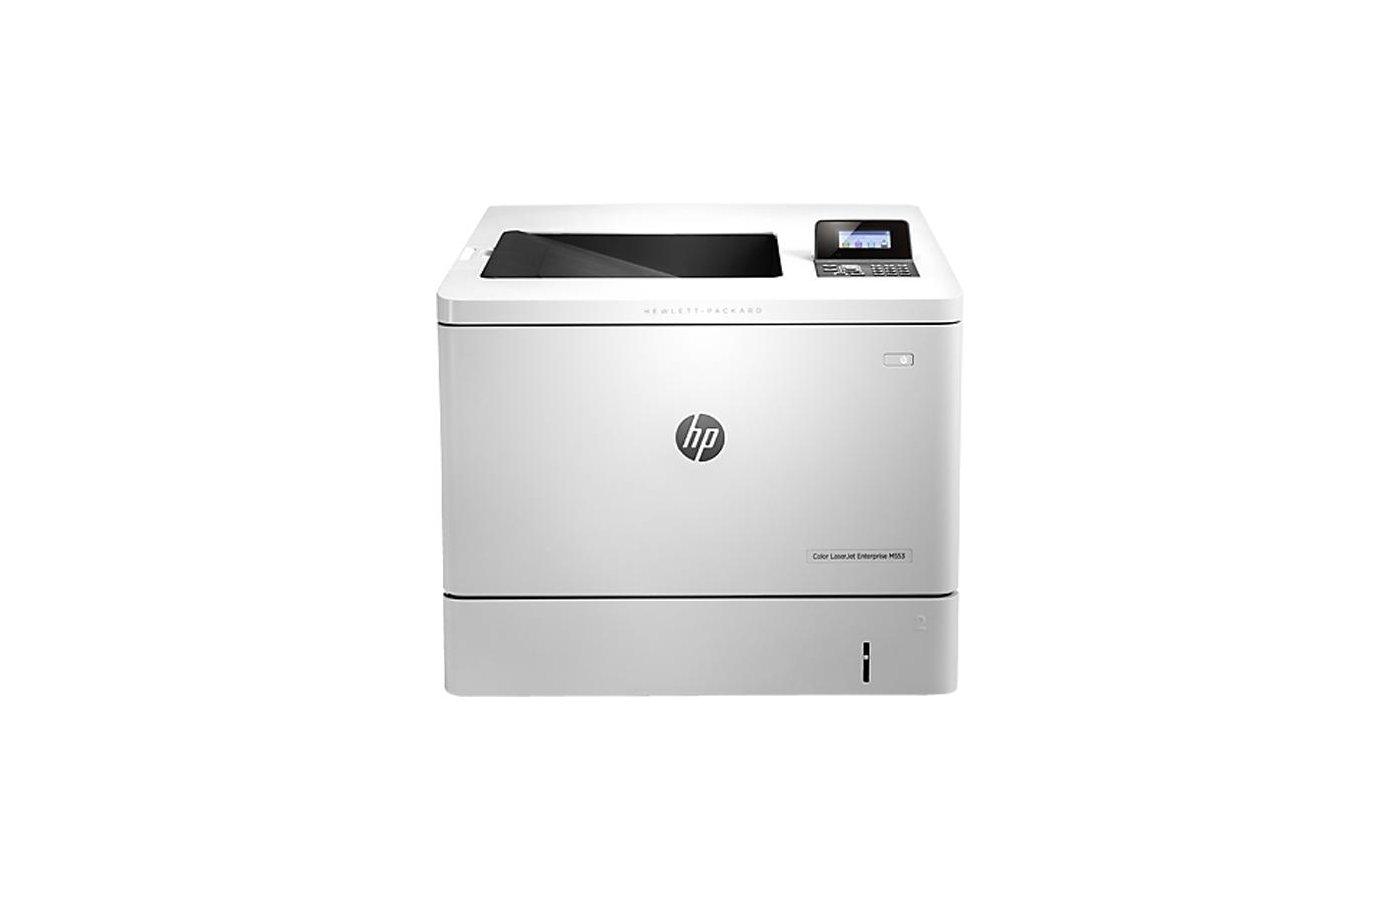 Принтер HP LaserJet Enterprise 500 M552dn /B5L23A/ A4 Duplex